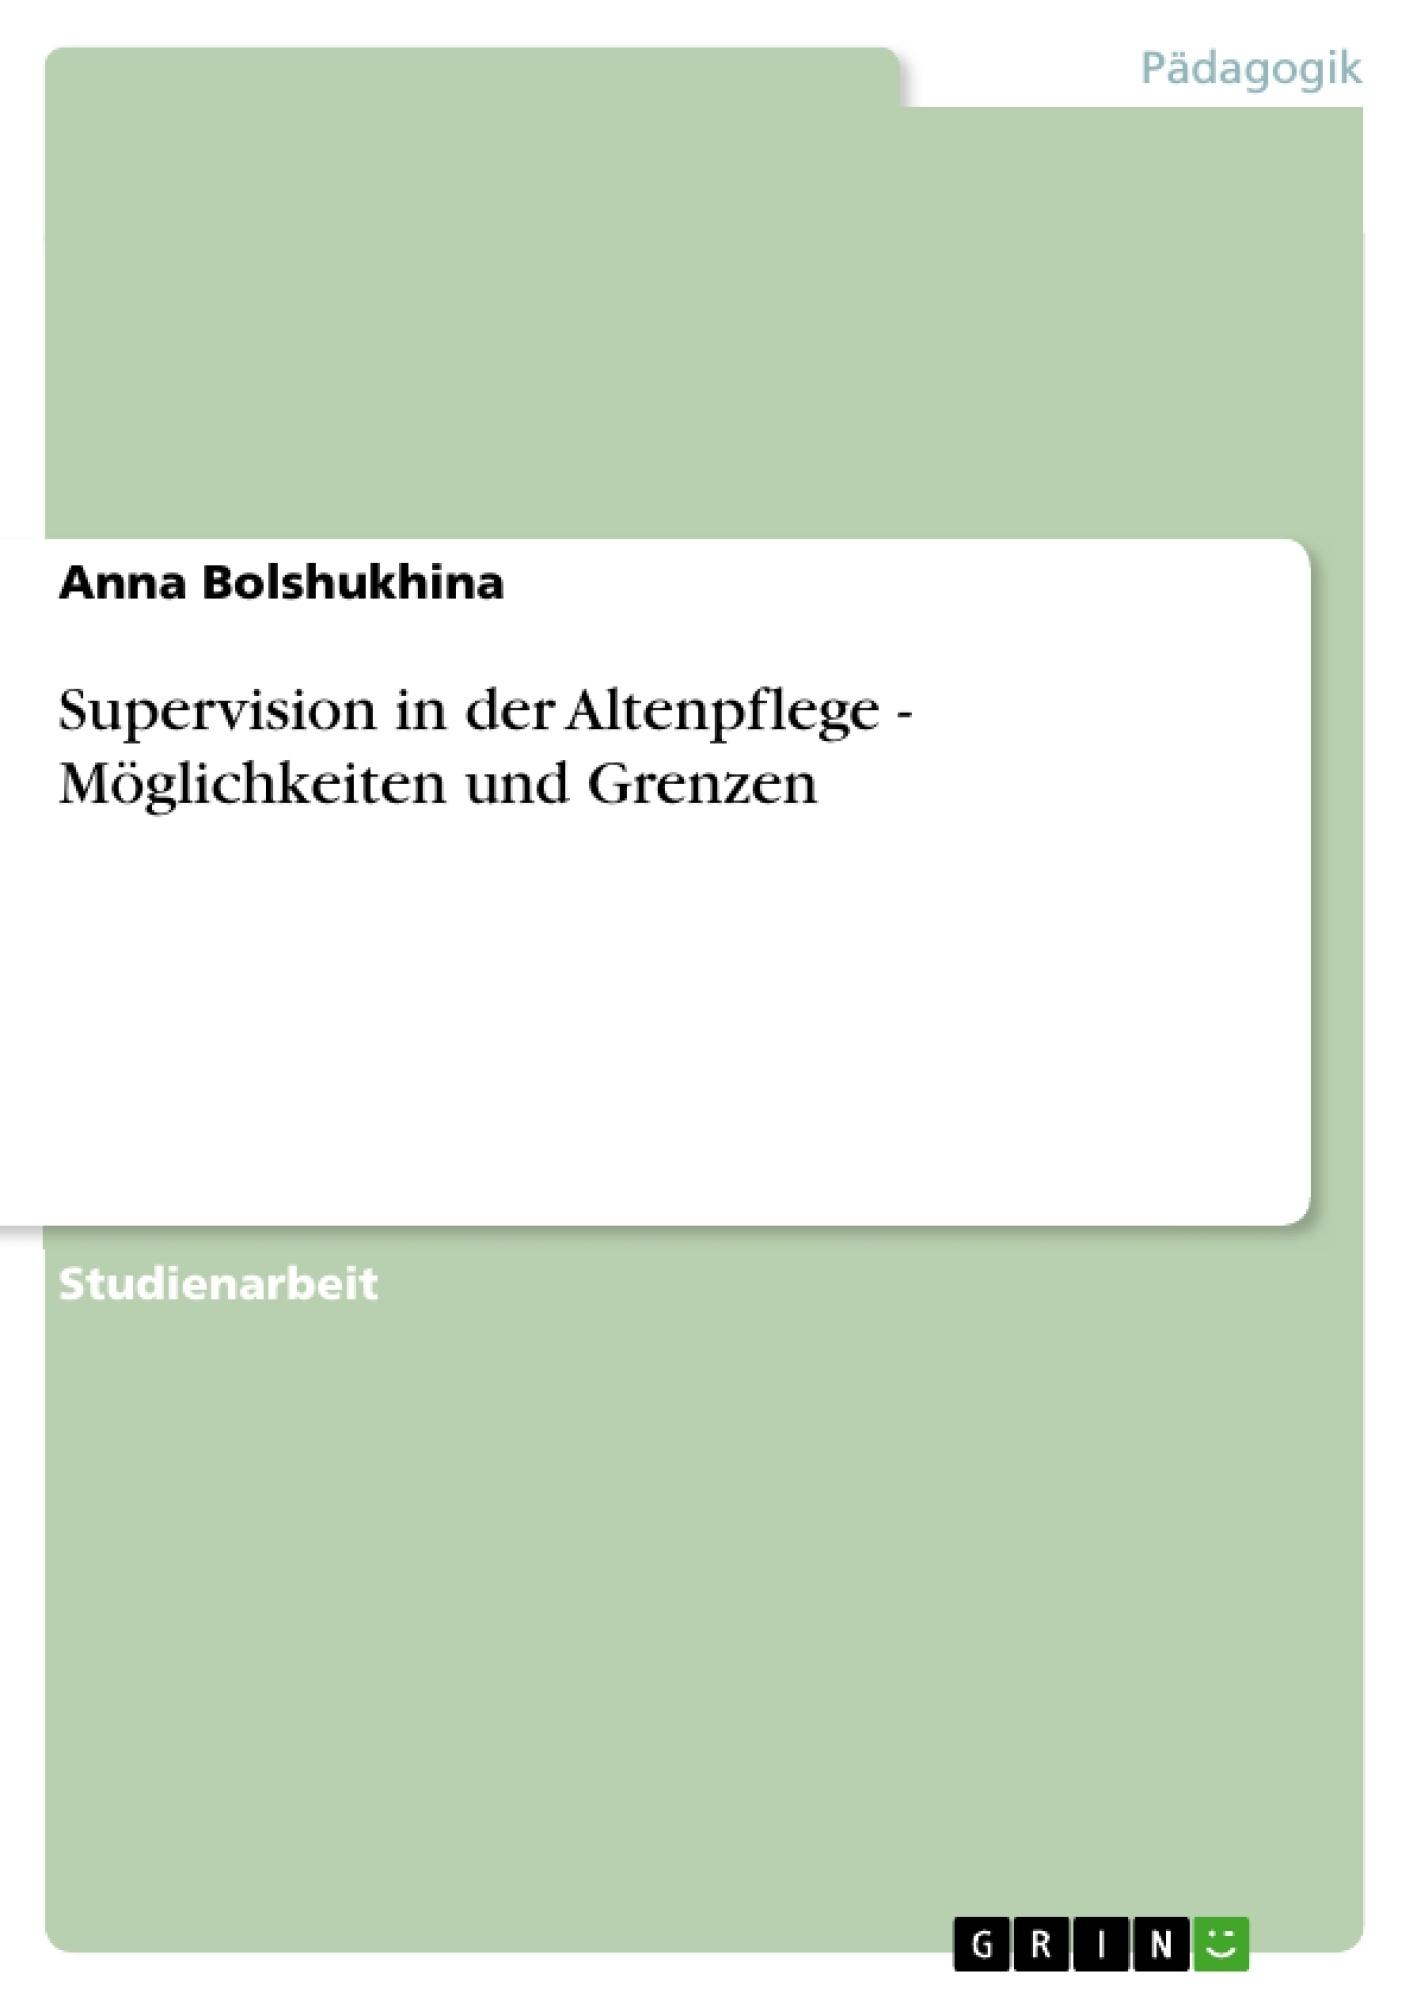 Titel: Supervision in der Altenpflege - Möglichkeiten und Grenzen